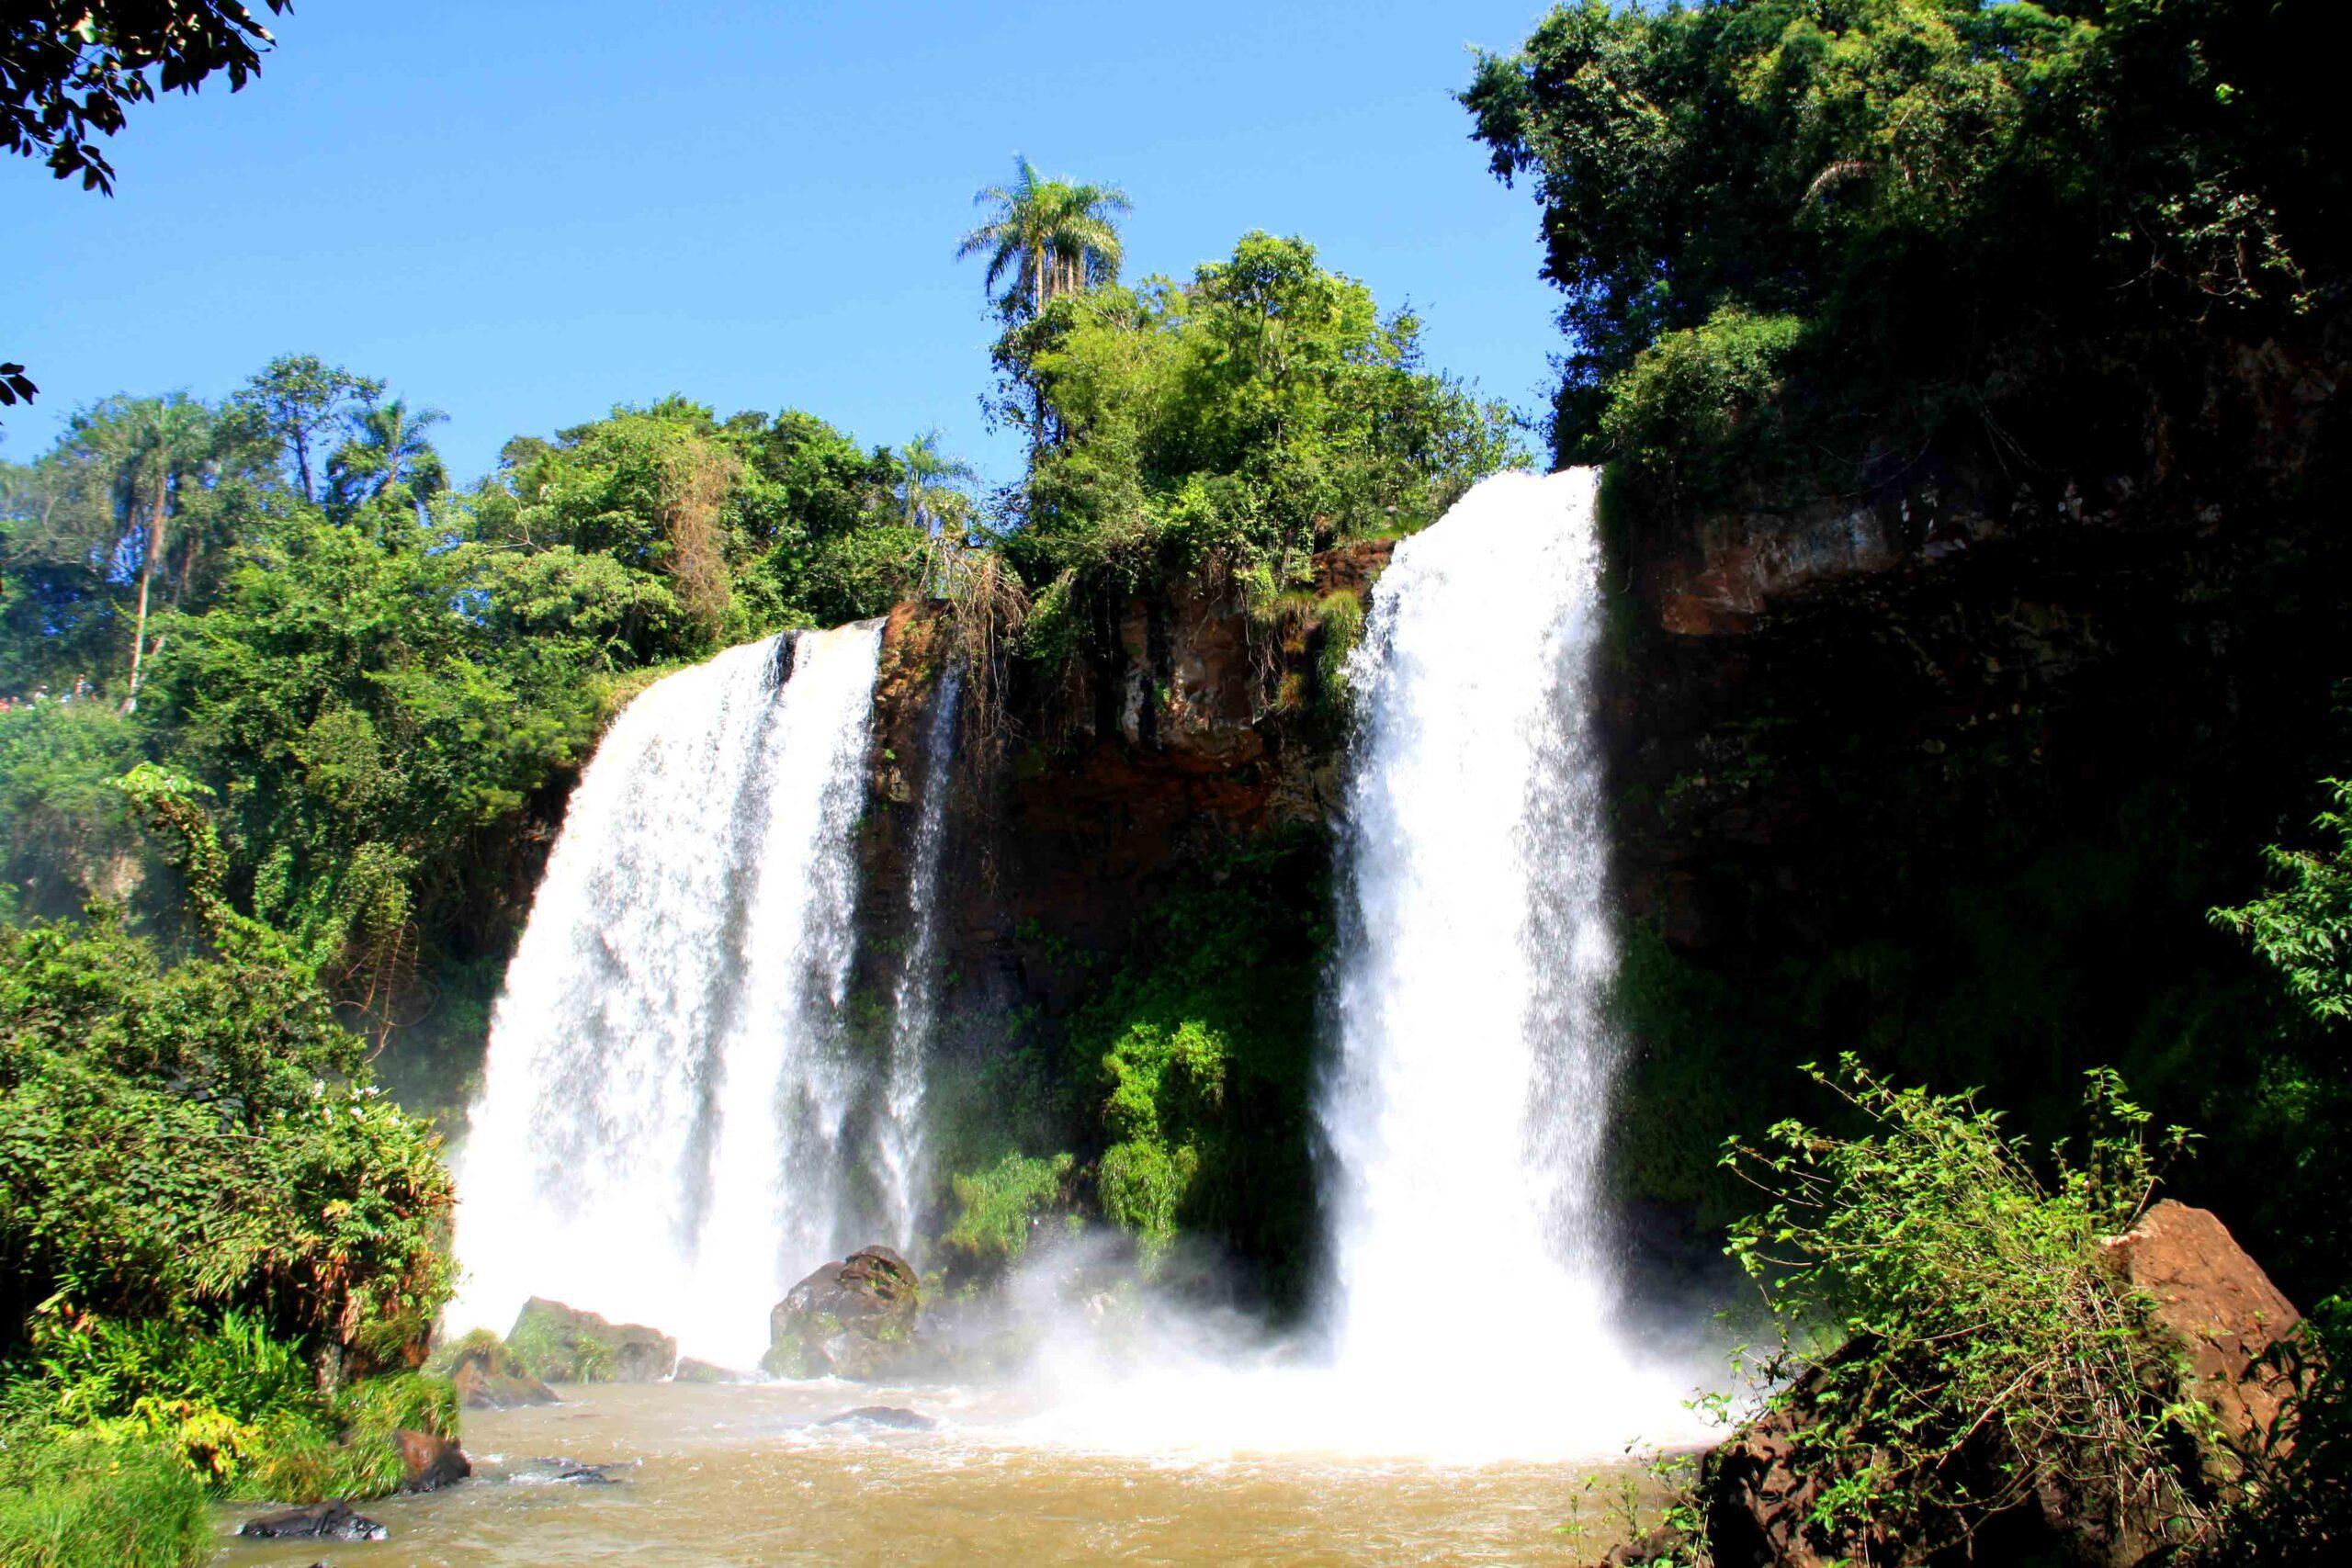 Rainforest and waterfalls at Iguazu in Argentina